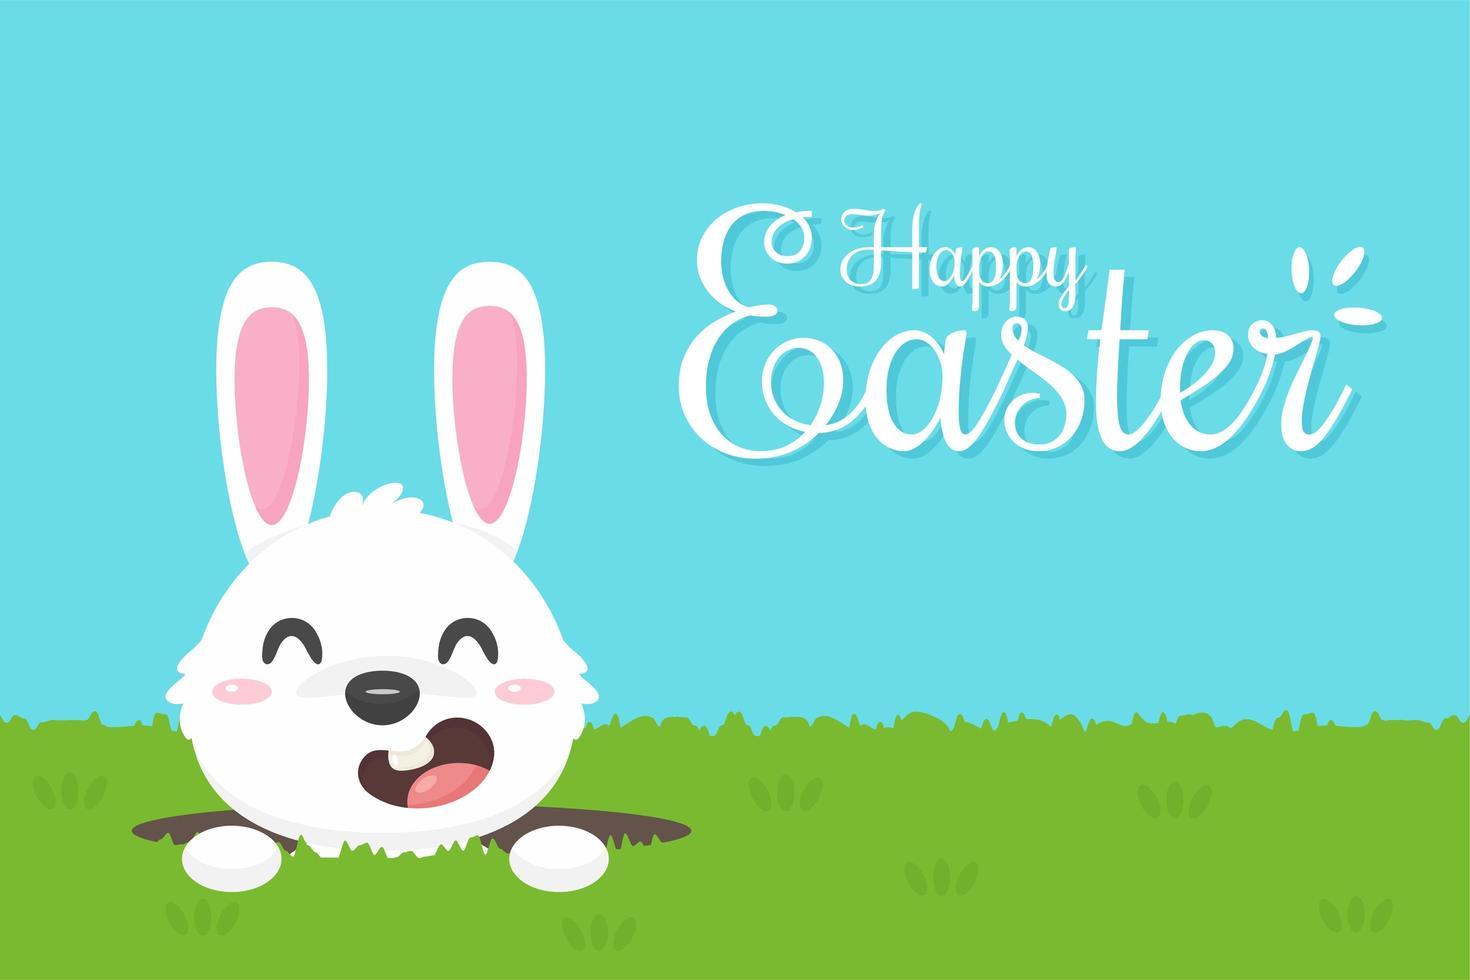 Glücklicher Ostern-Gruß mit Karikaturkaninchen vektor